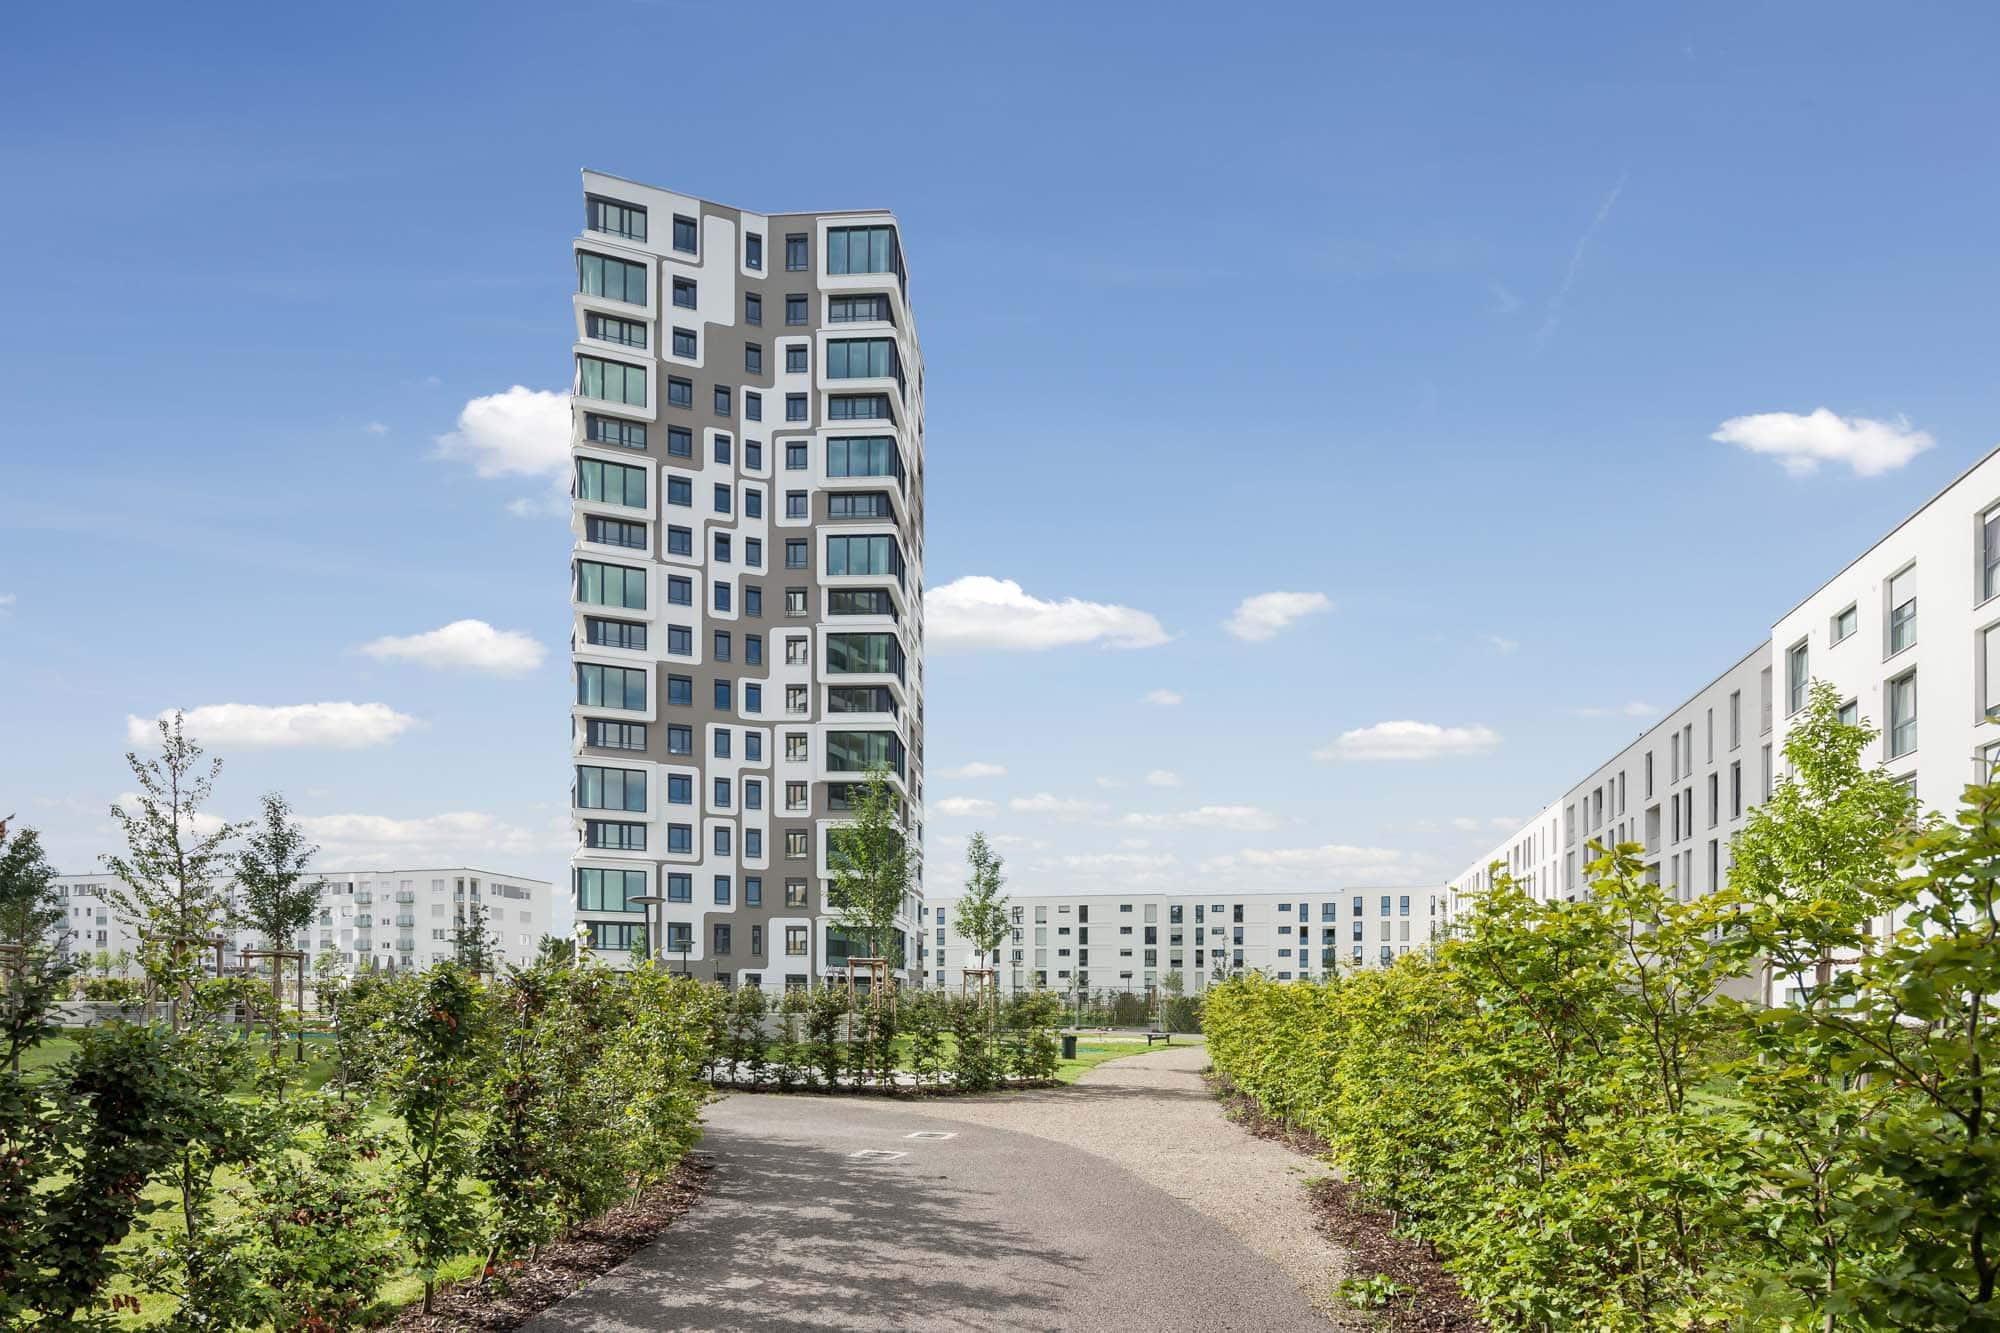 Architekturfoto in München. Hier das Gebäude namens Alpenglühen